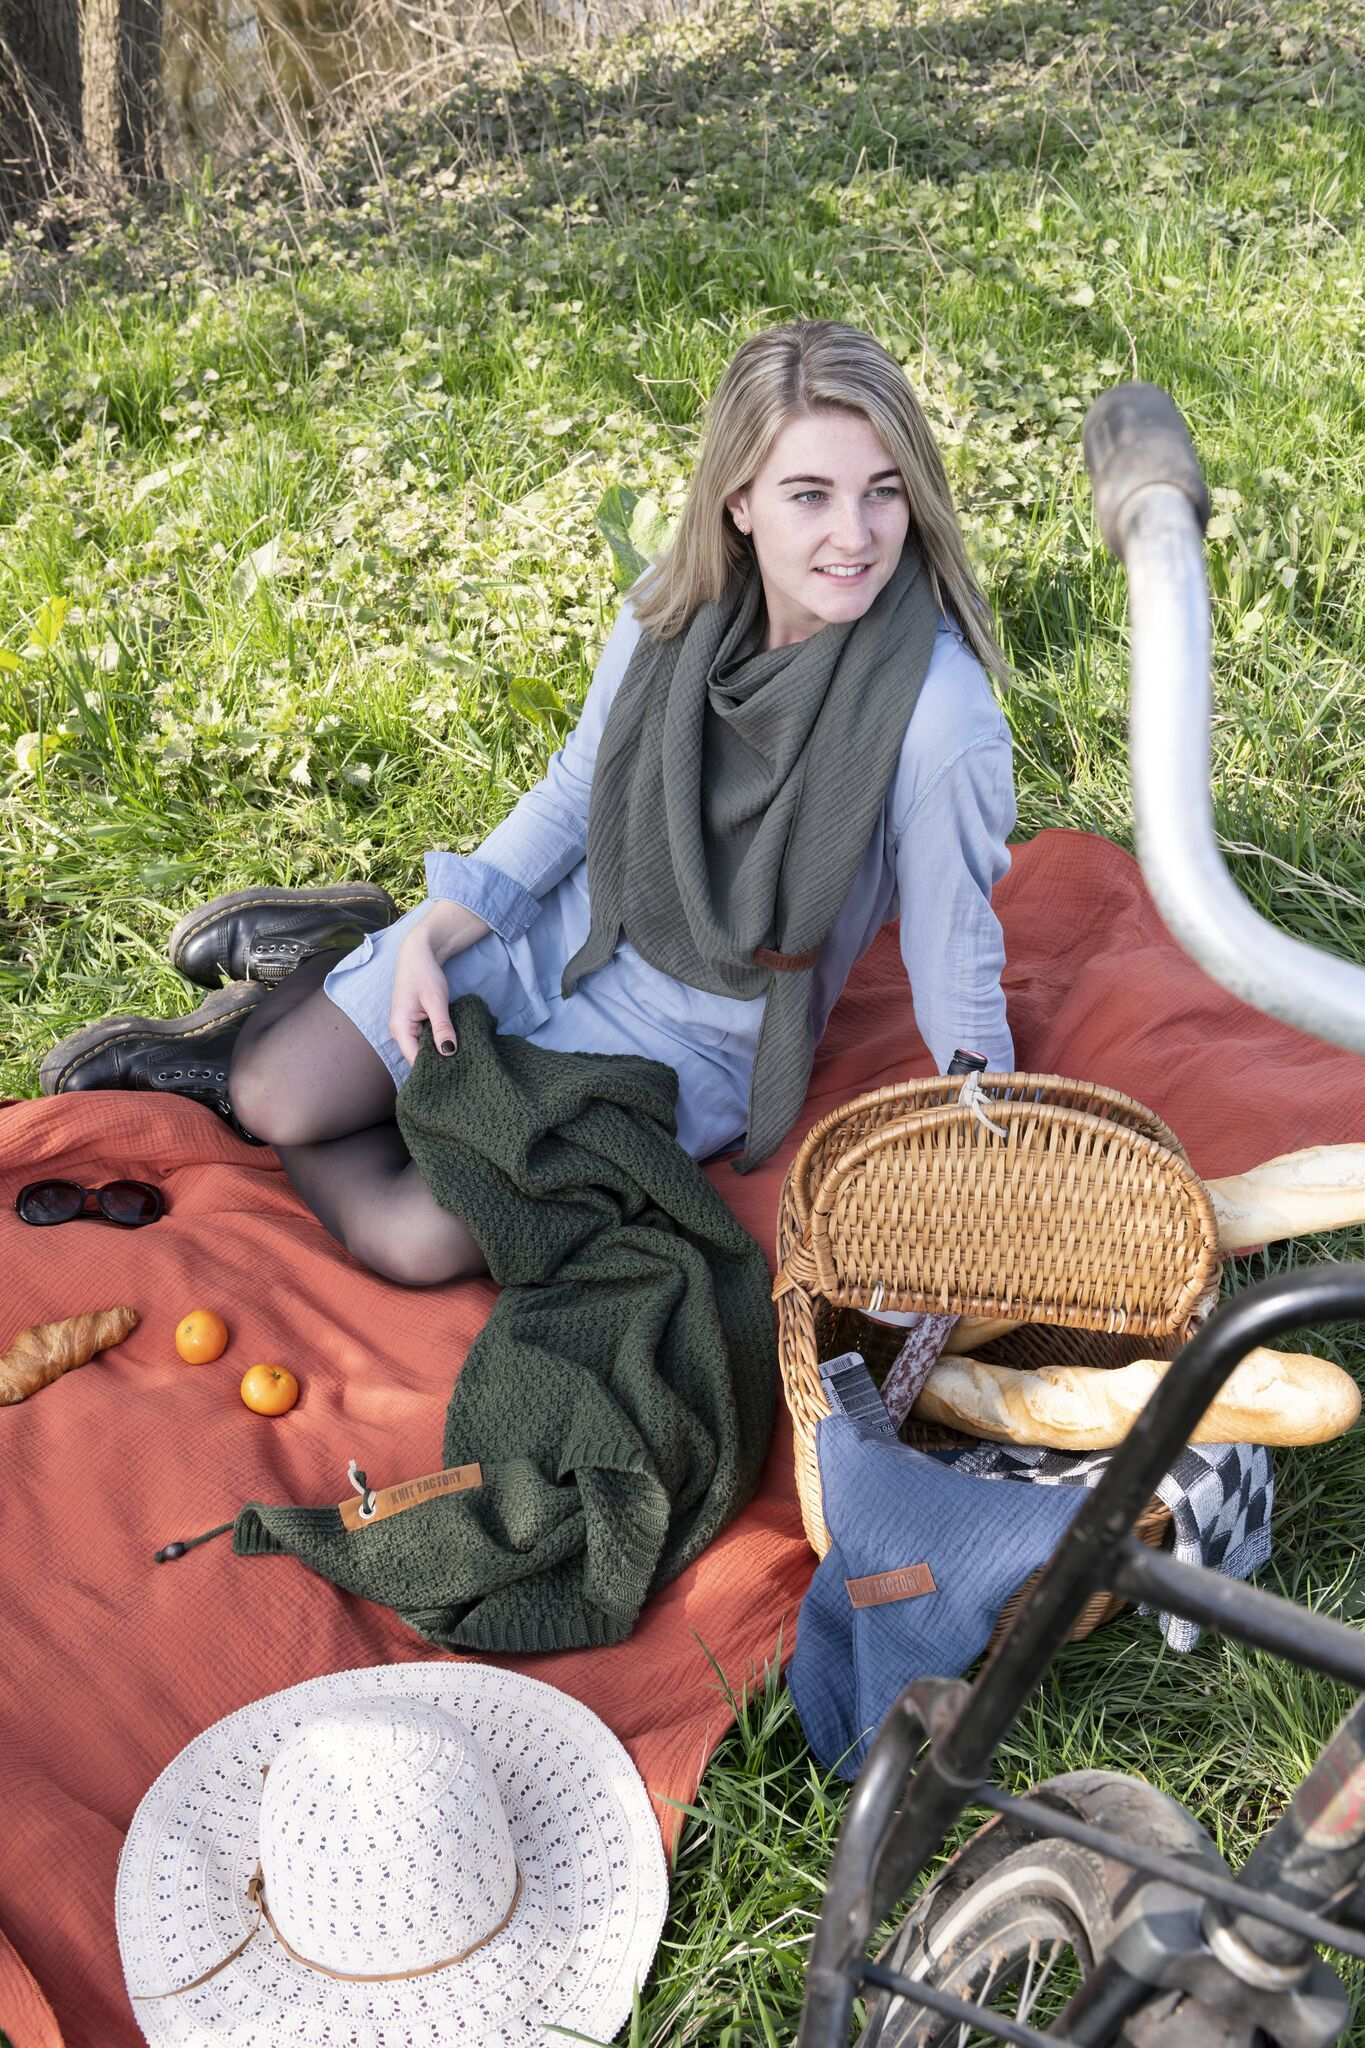 Picknickkleed